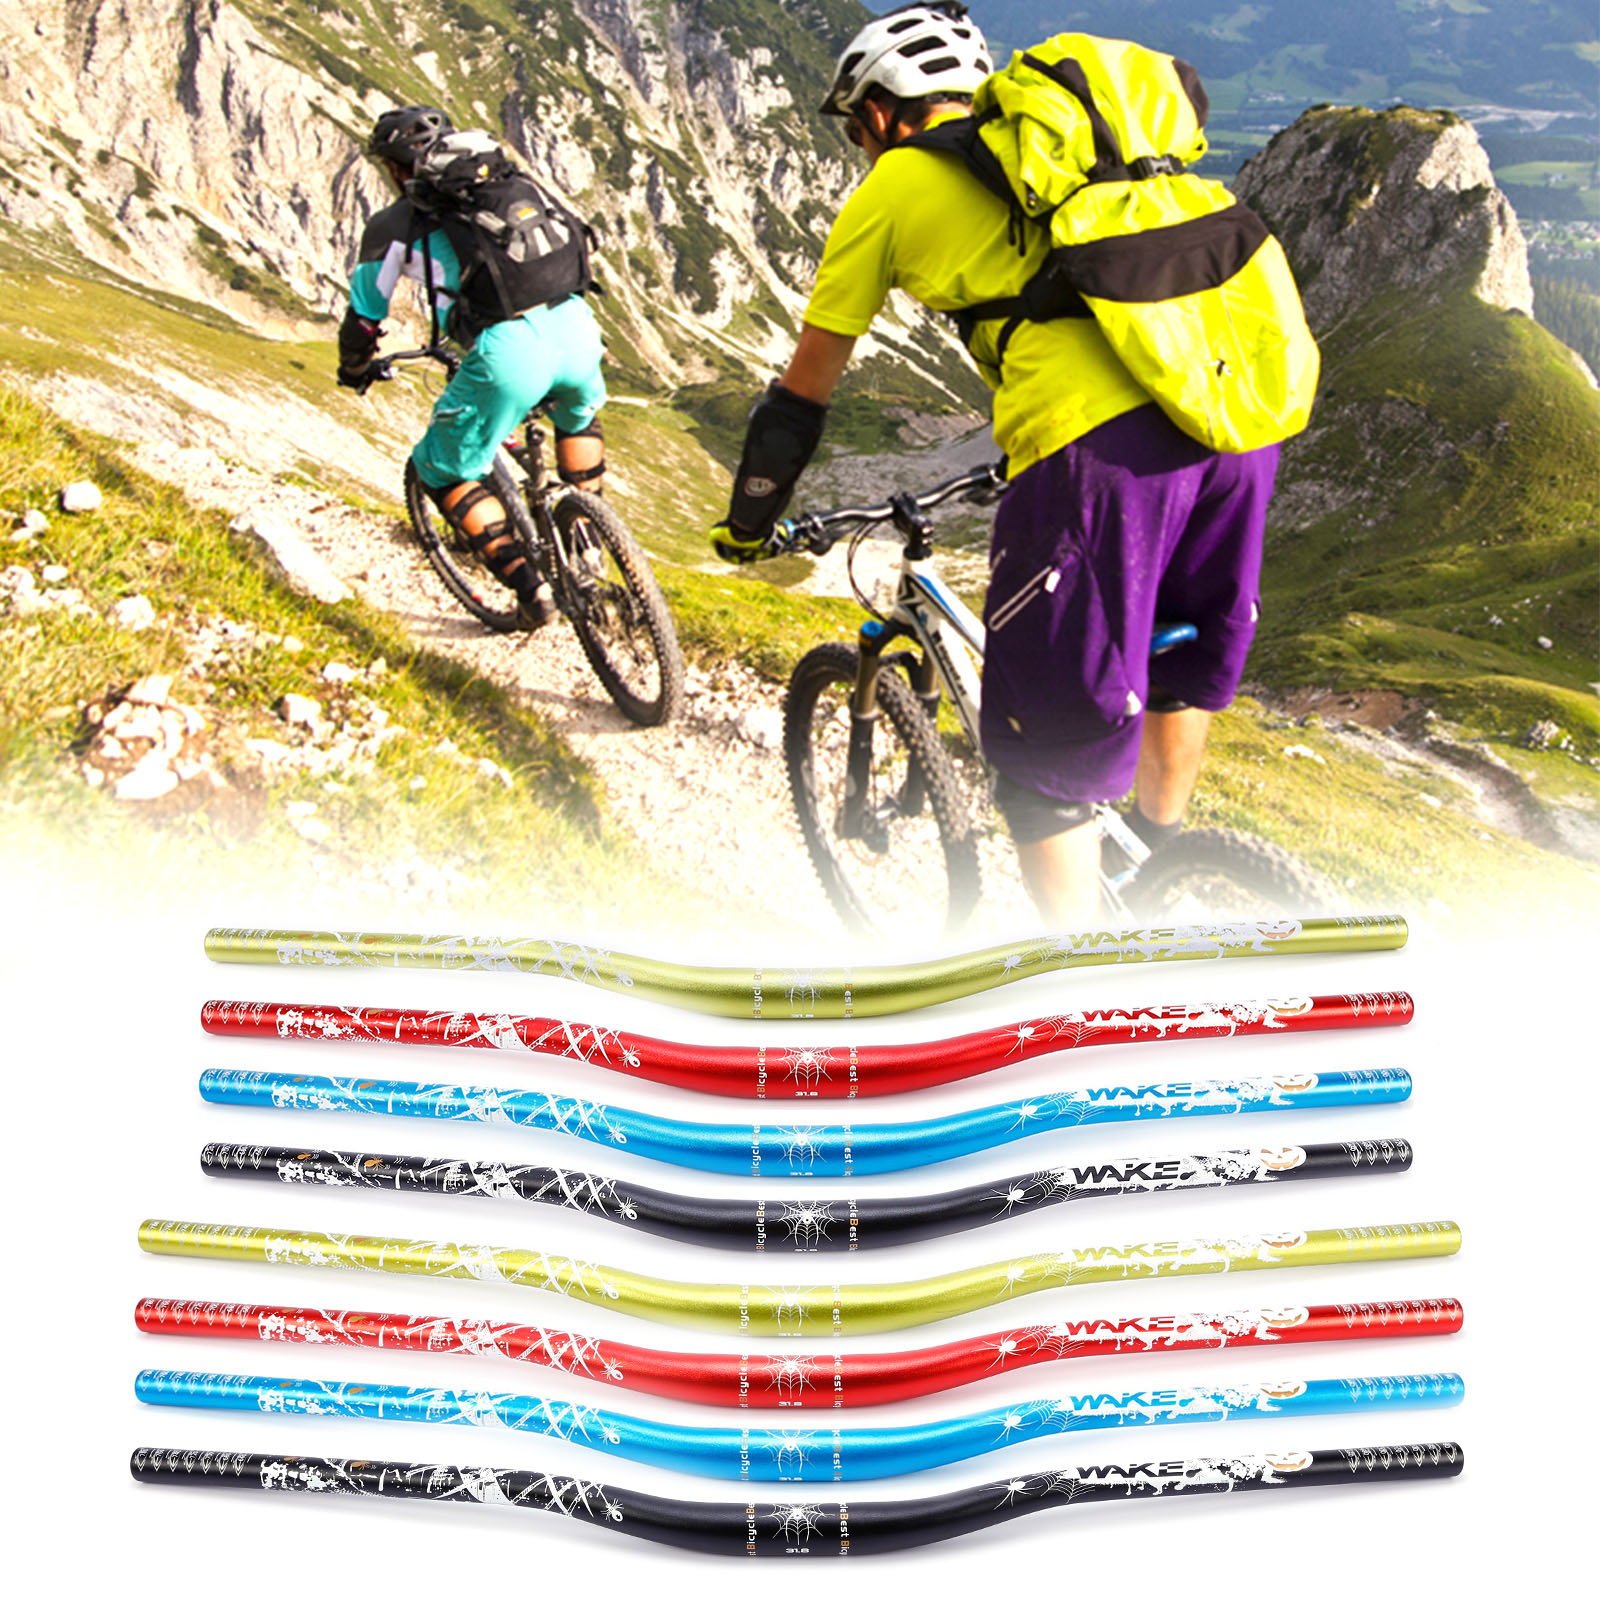 Alloy 31.8mm 780mm Bike Handlebar MTB Bicycle Cycling XC DH Downhill Racing